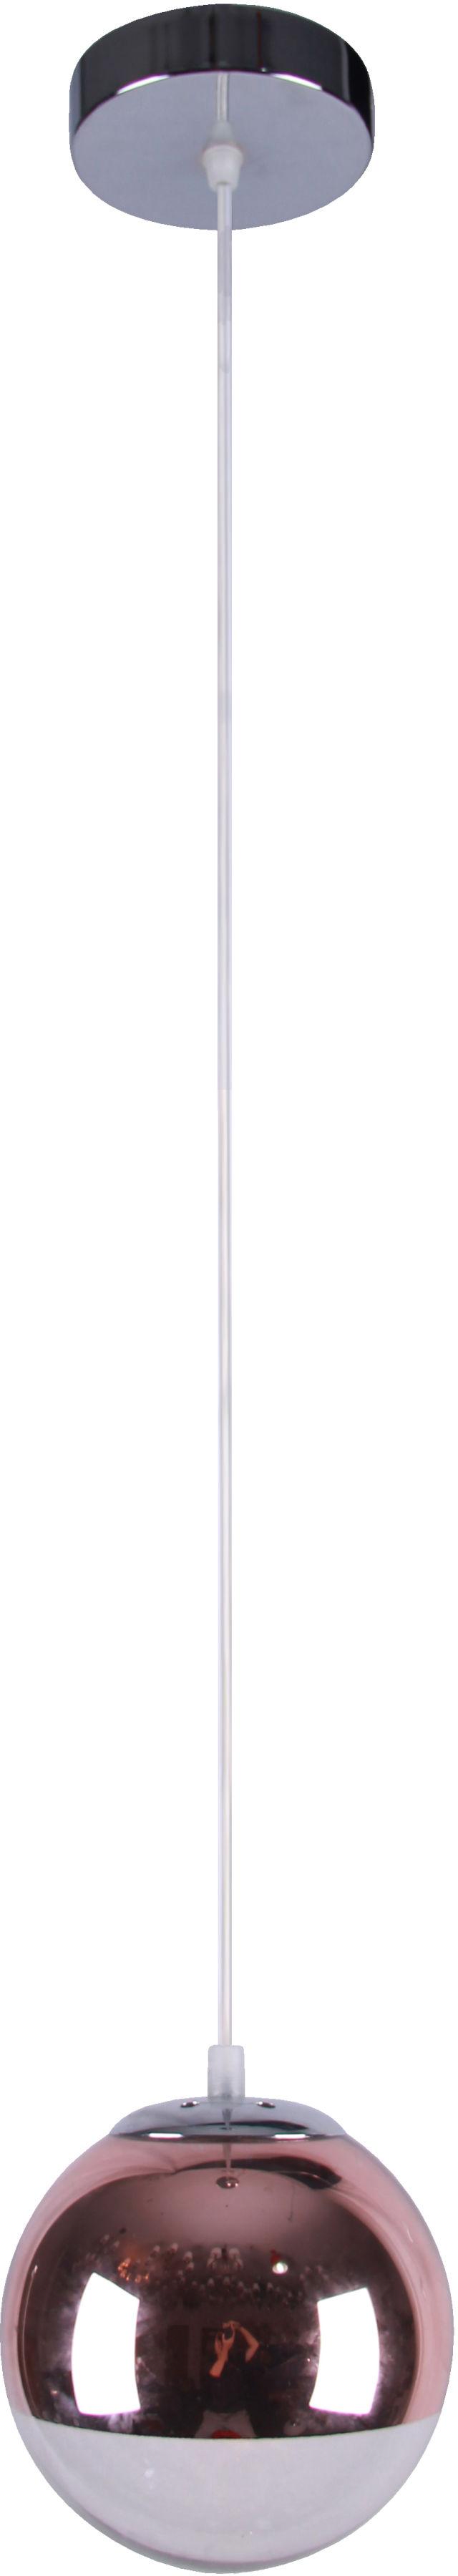 Candellux GAZE 31-43085 lampa wisząca różowo złoty szklany klosz kula 1X60W E27 20 cm